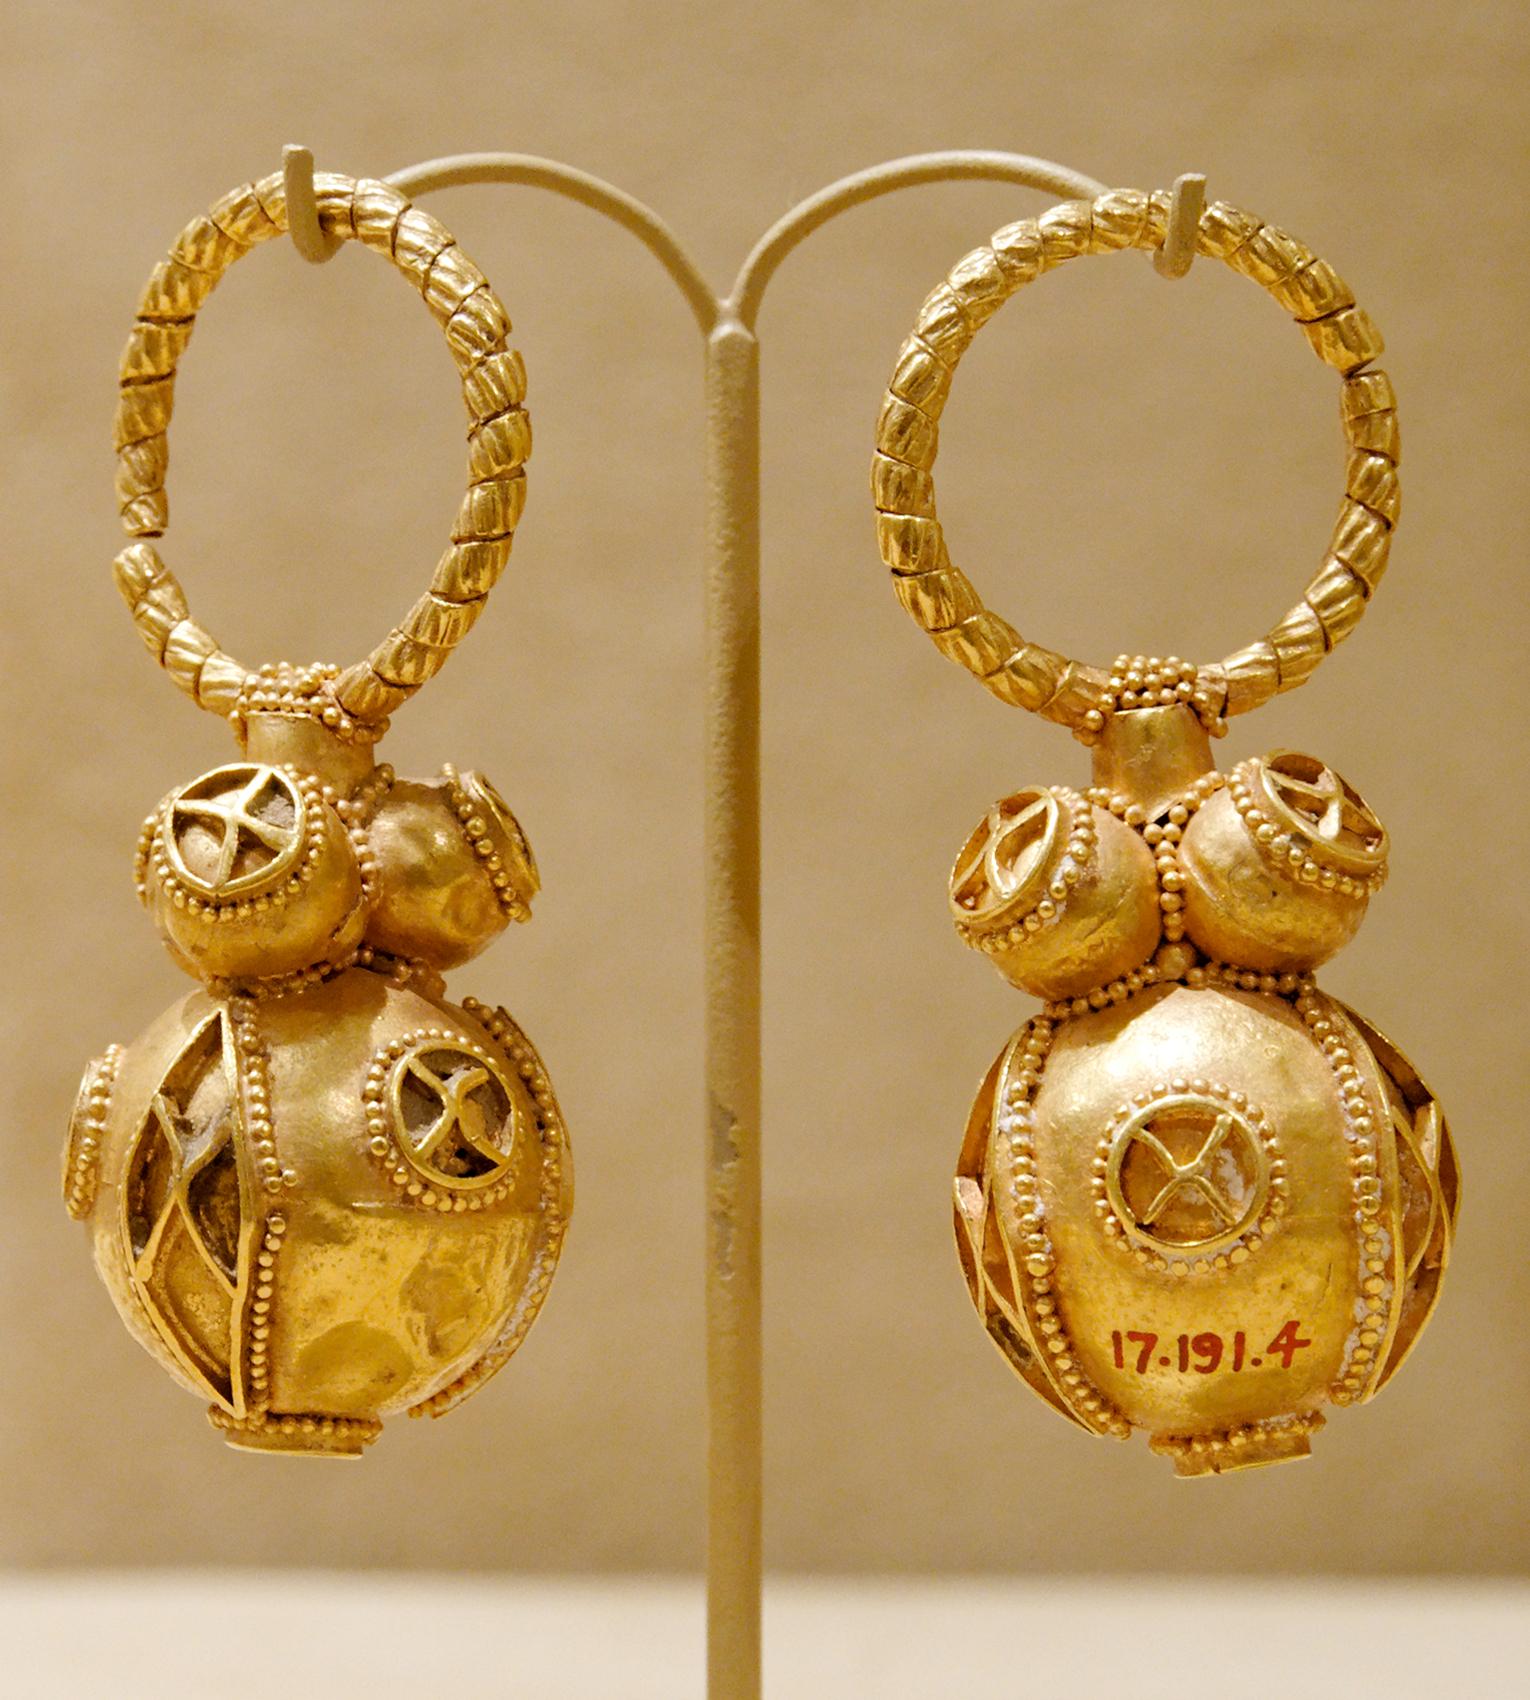 filegold earrings met 1719145jpg